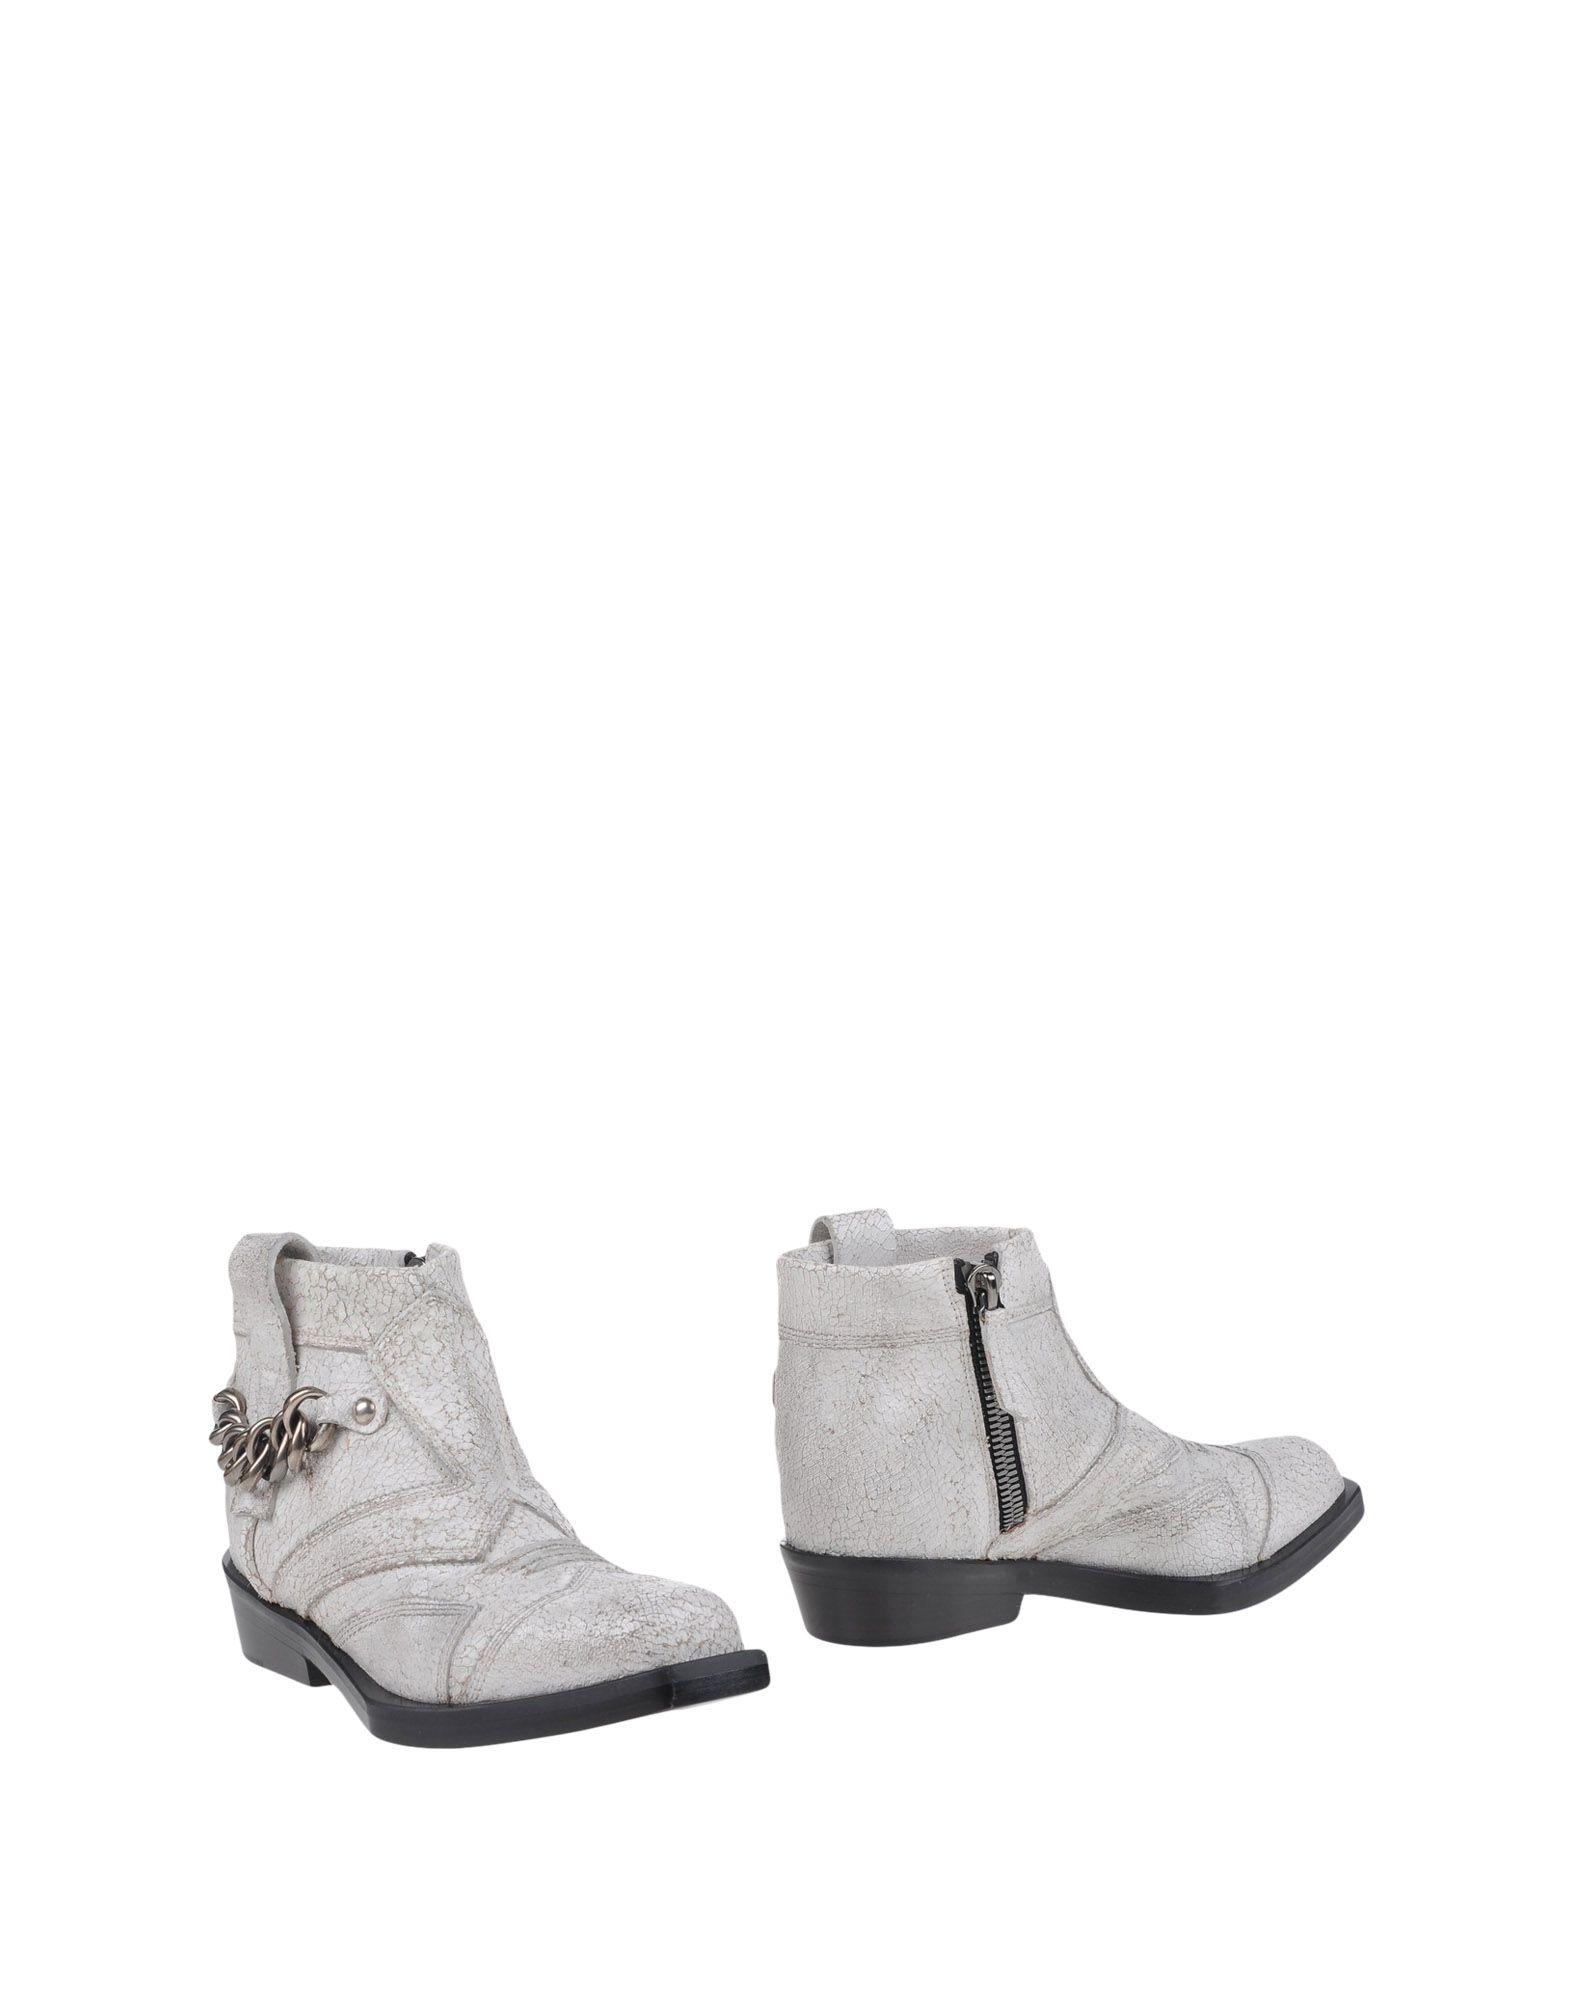 Shy By Arvid Yuki Stiefelette Damen  11059591BS Gute Qualität beliebte Schuhe